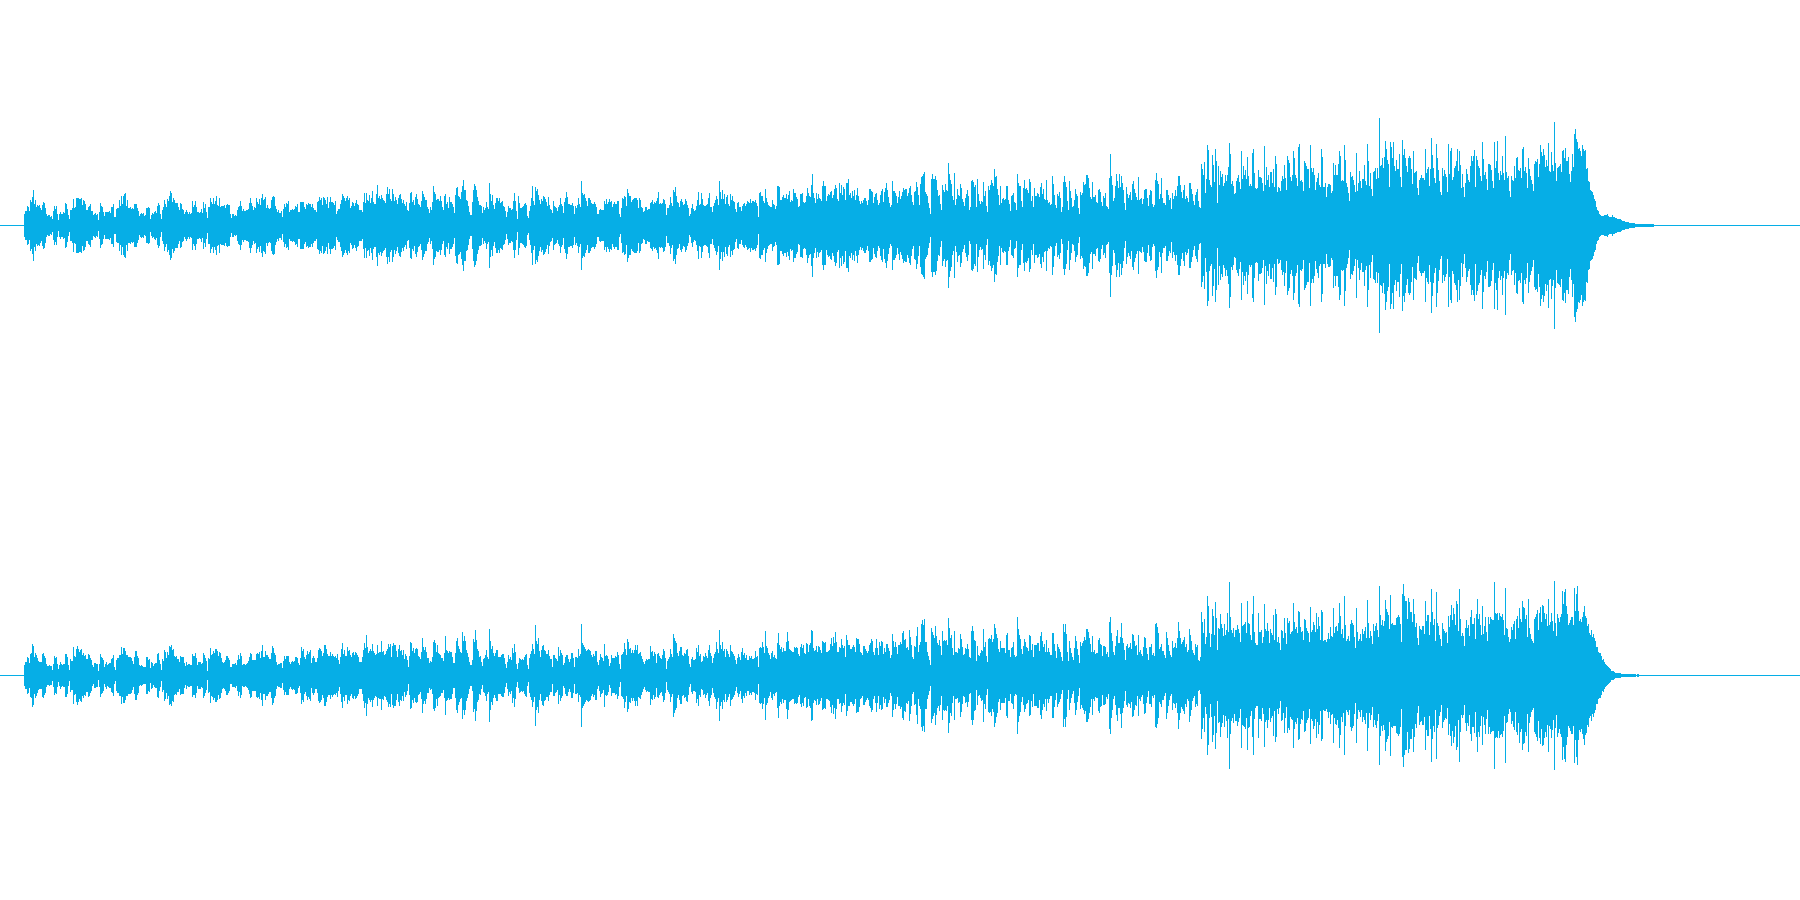 コミカルなエレクトリック・ポップスの再生済みの波形